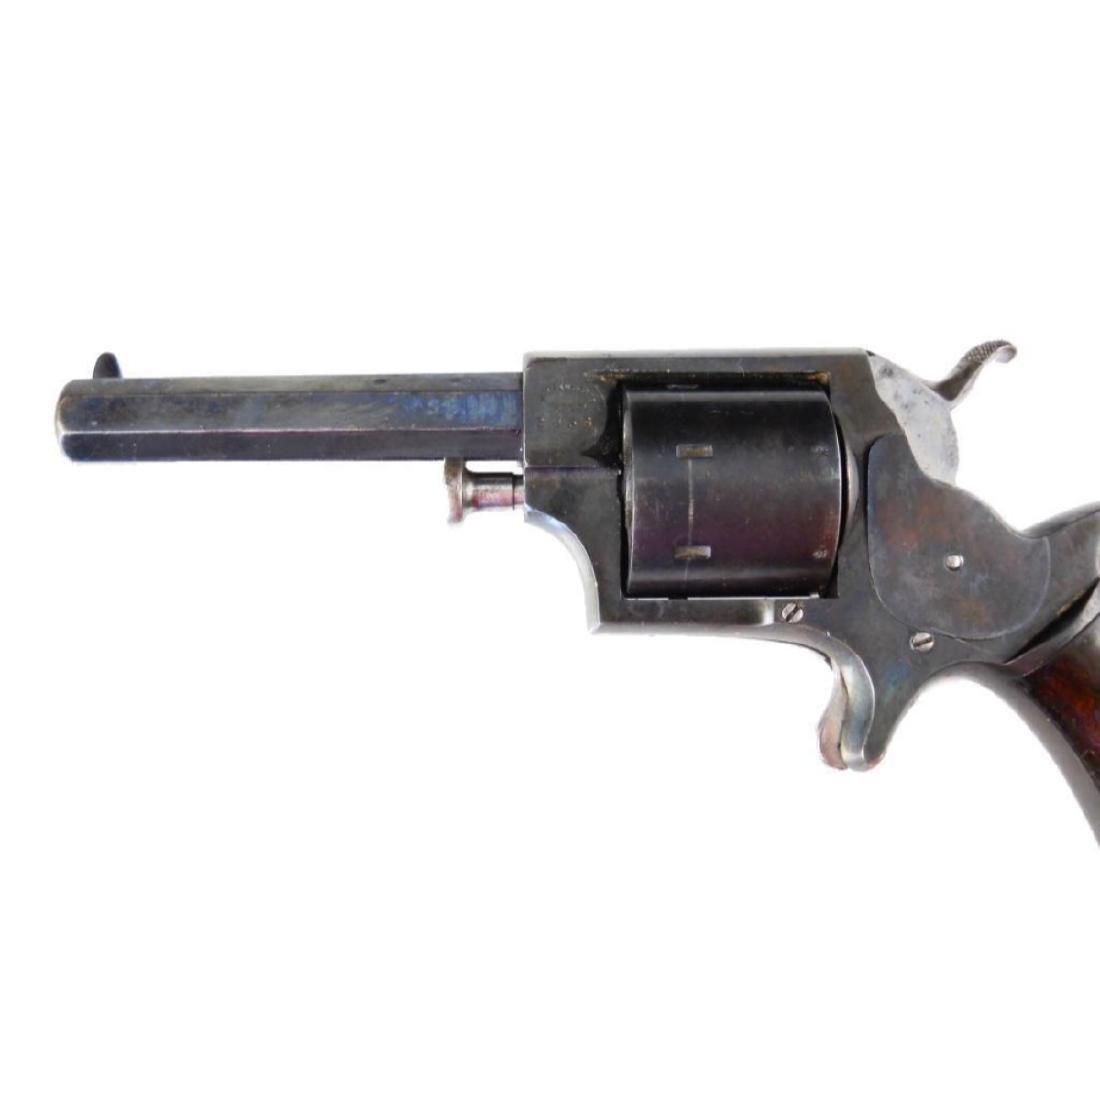 1863 Model Tranter's Patent Revolver - 5